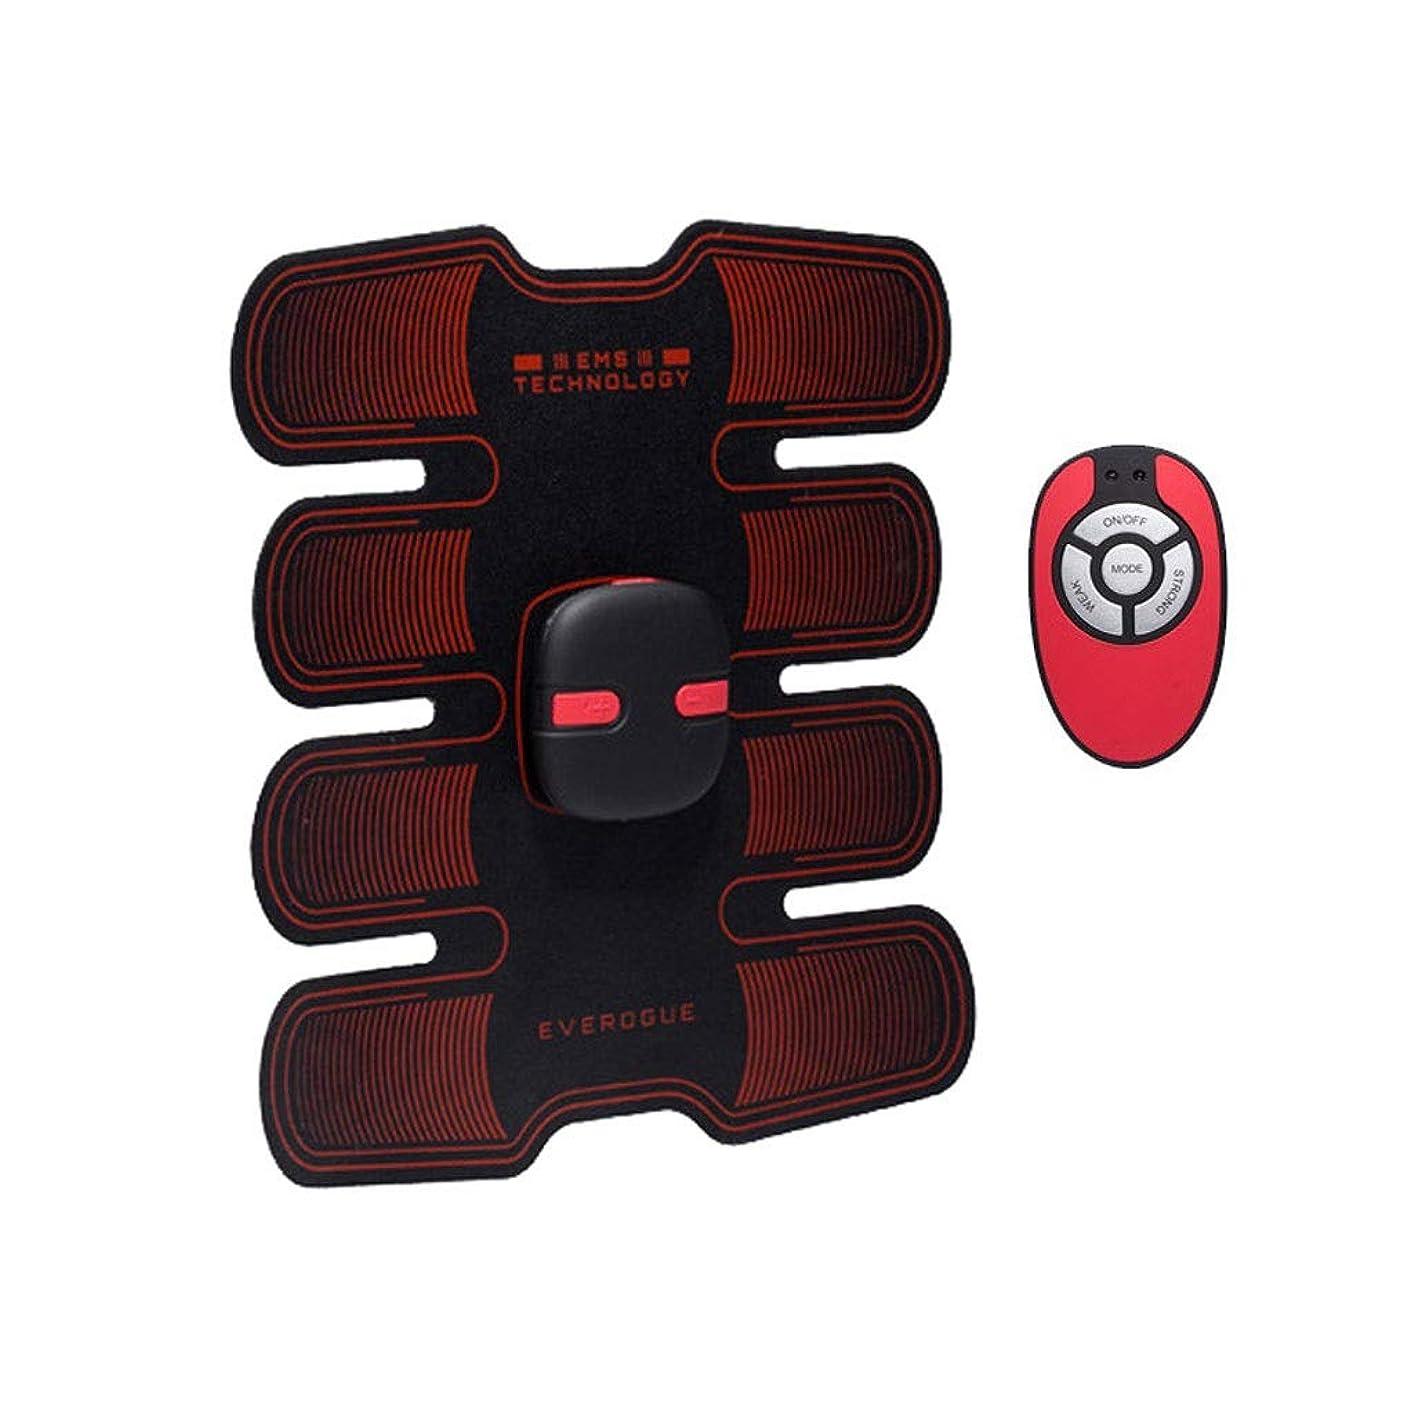 ハムアリーナヒップフィットネストレーニングギア、リモコン付きEMS筋肉刺激装置USB充電式究極の腹部刺激装置 - 男性用女性用筋肉トナー (Size : A)